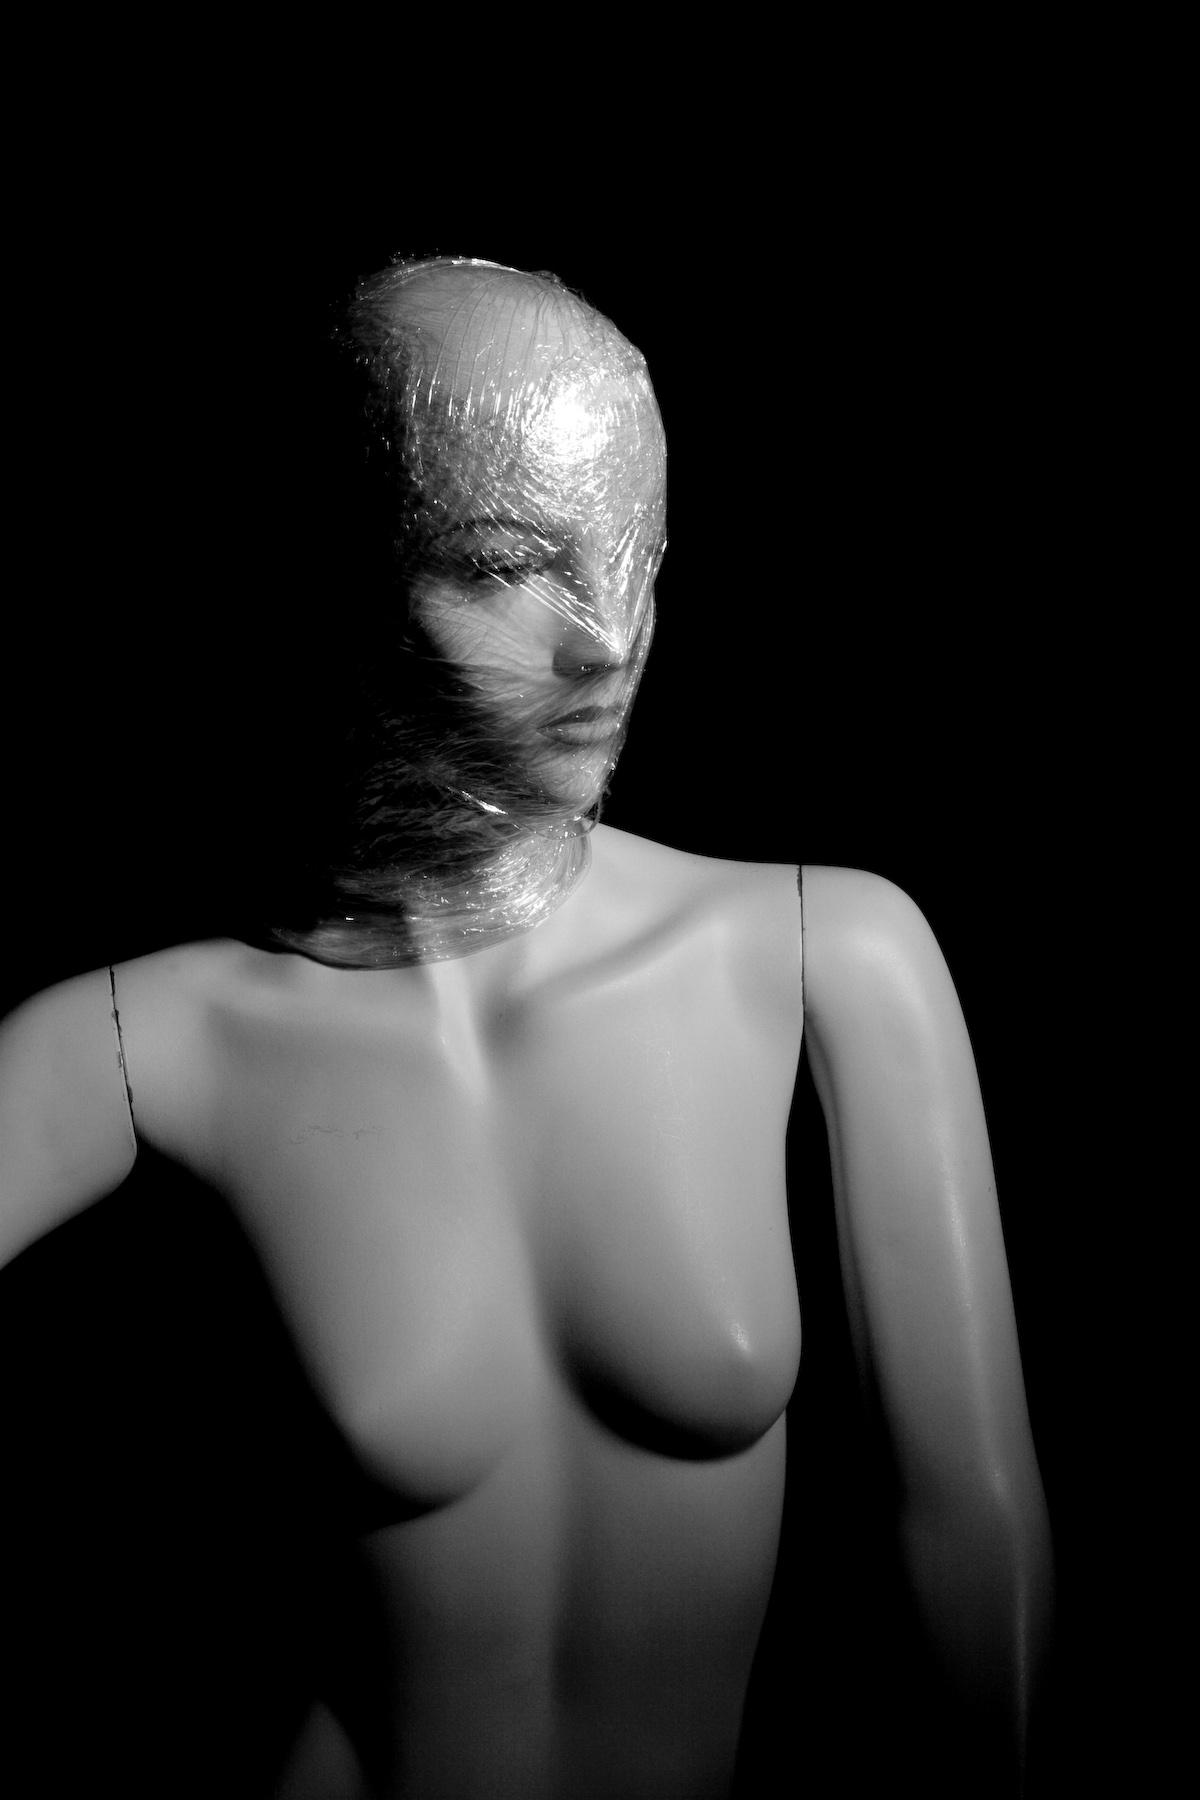 Mannequin photo